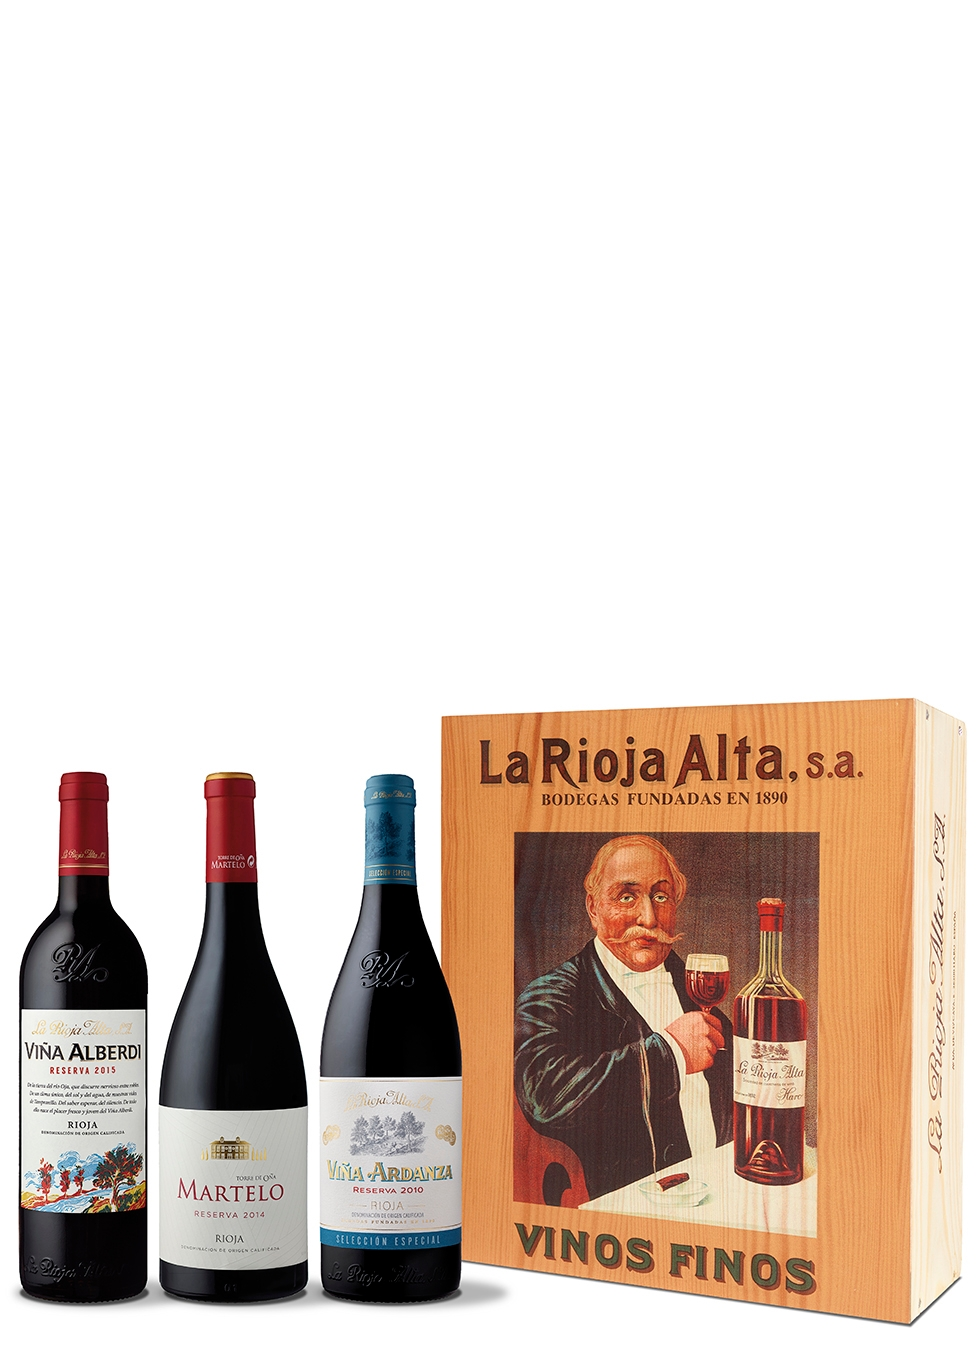 La Rioja Alta Premium Rioja Gift Box 3 x 750ml